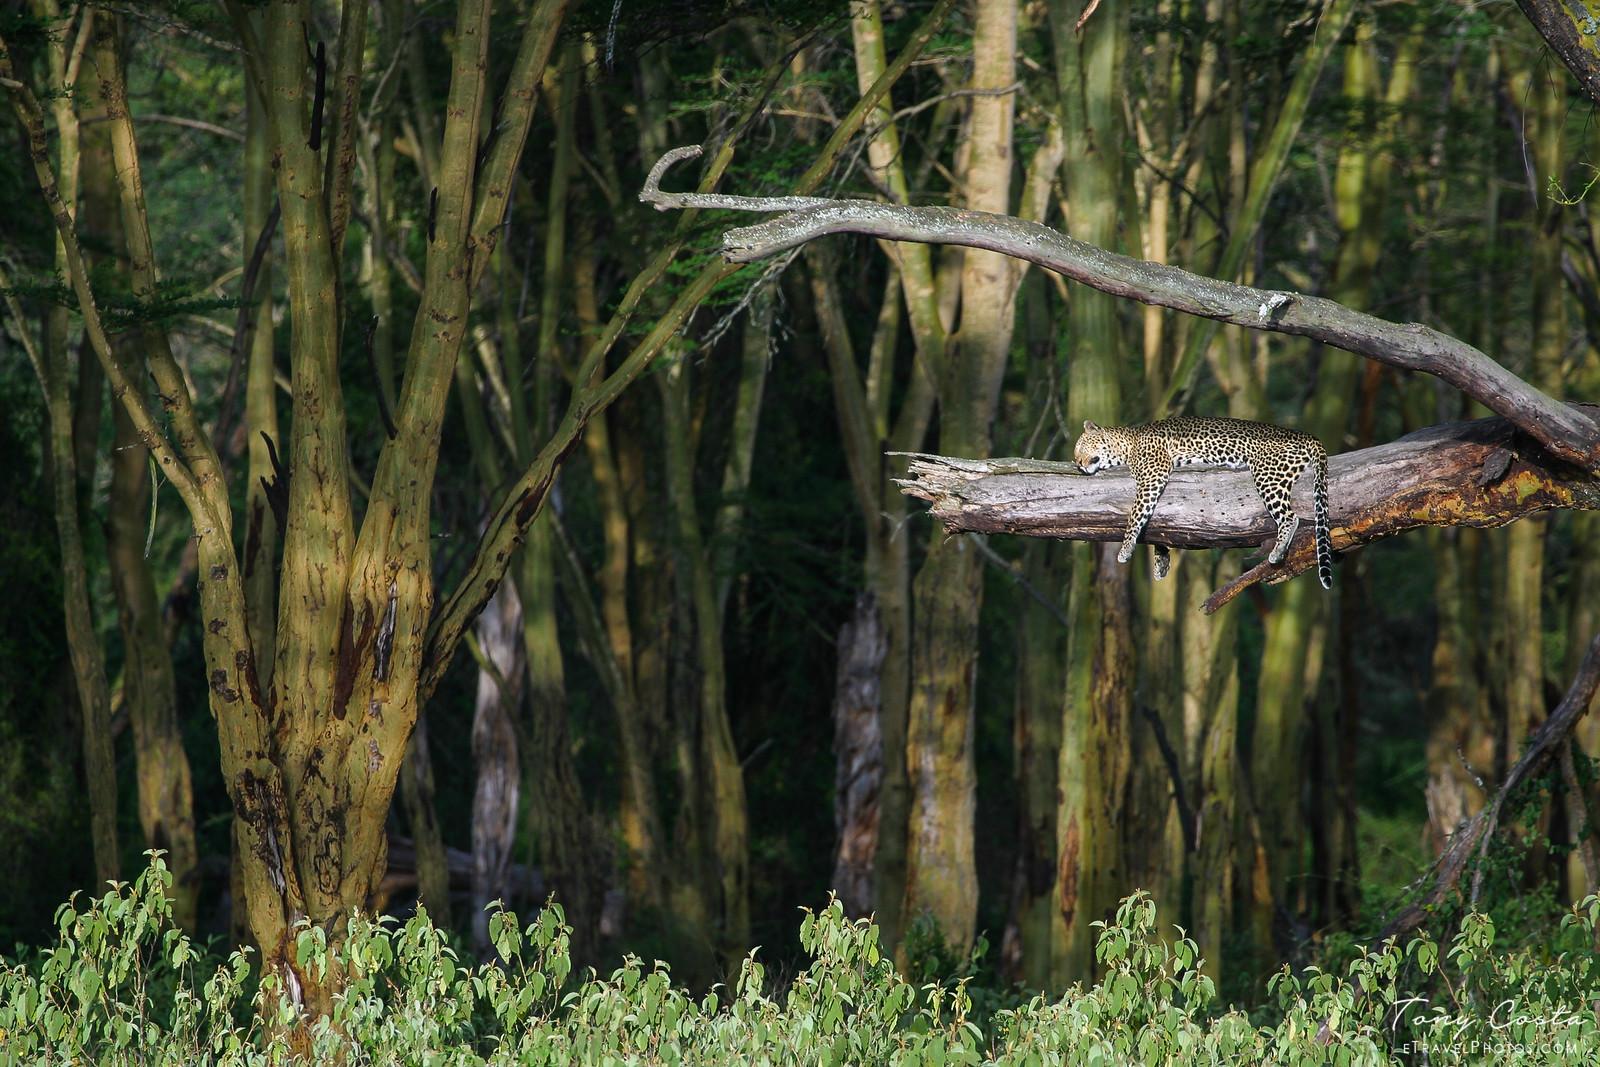 Leopard sleeping in a tree